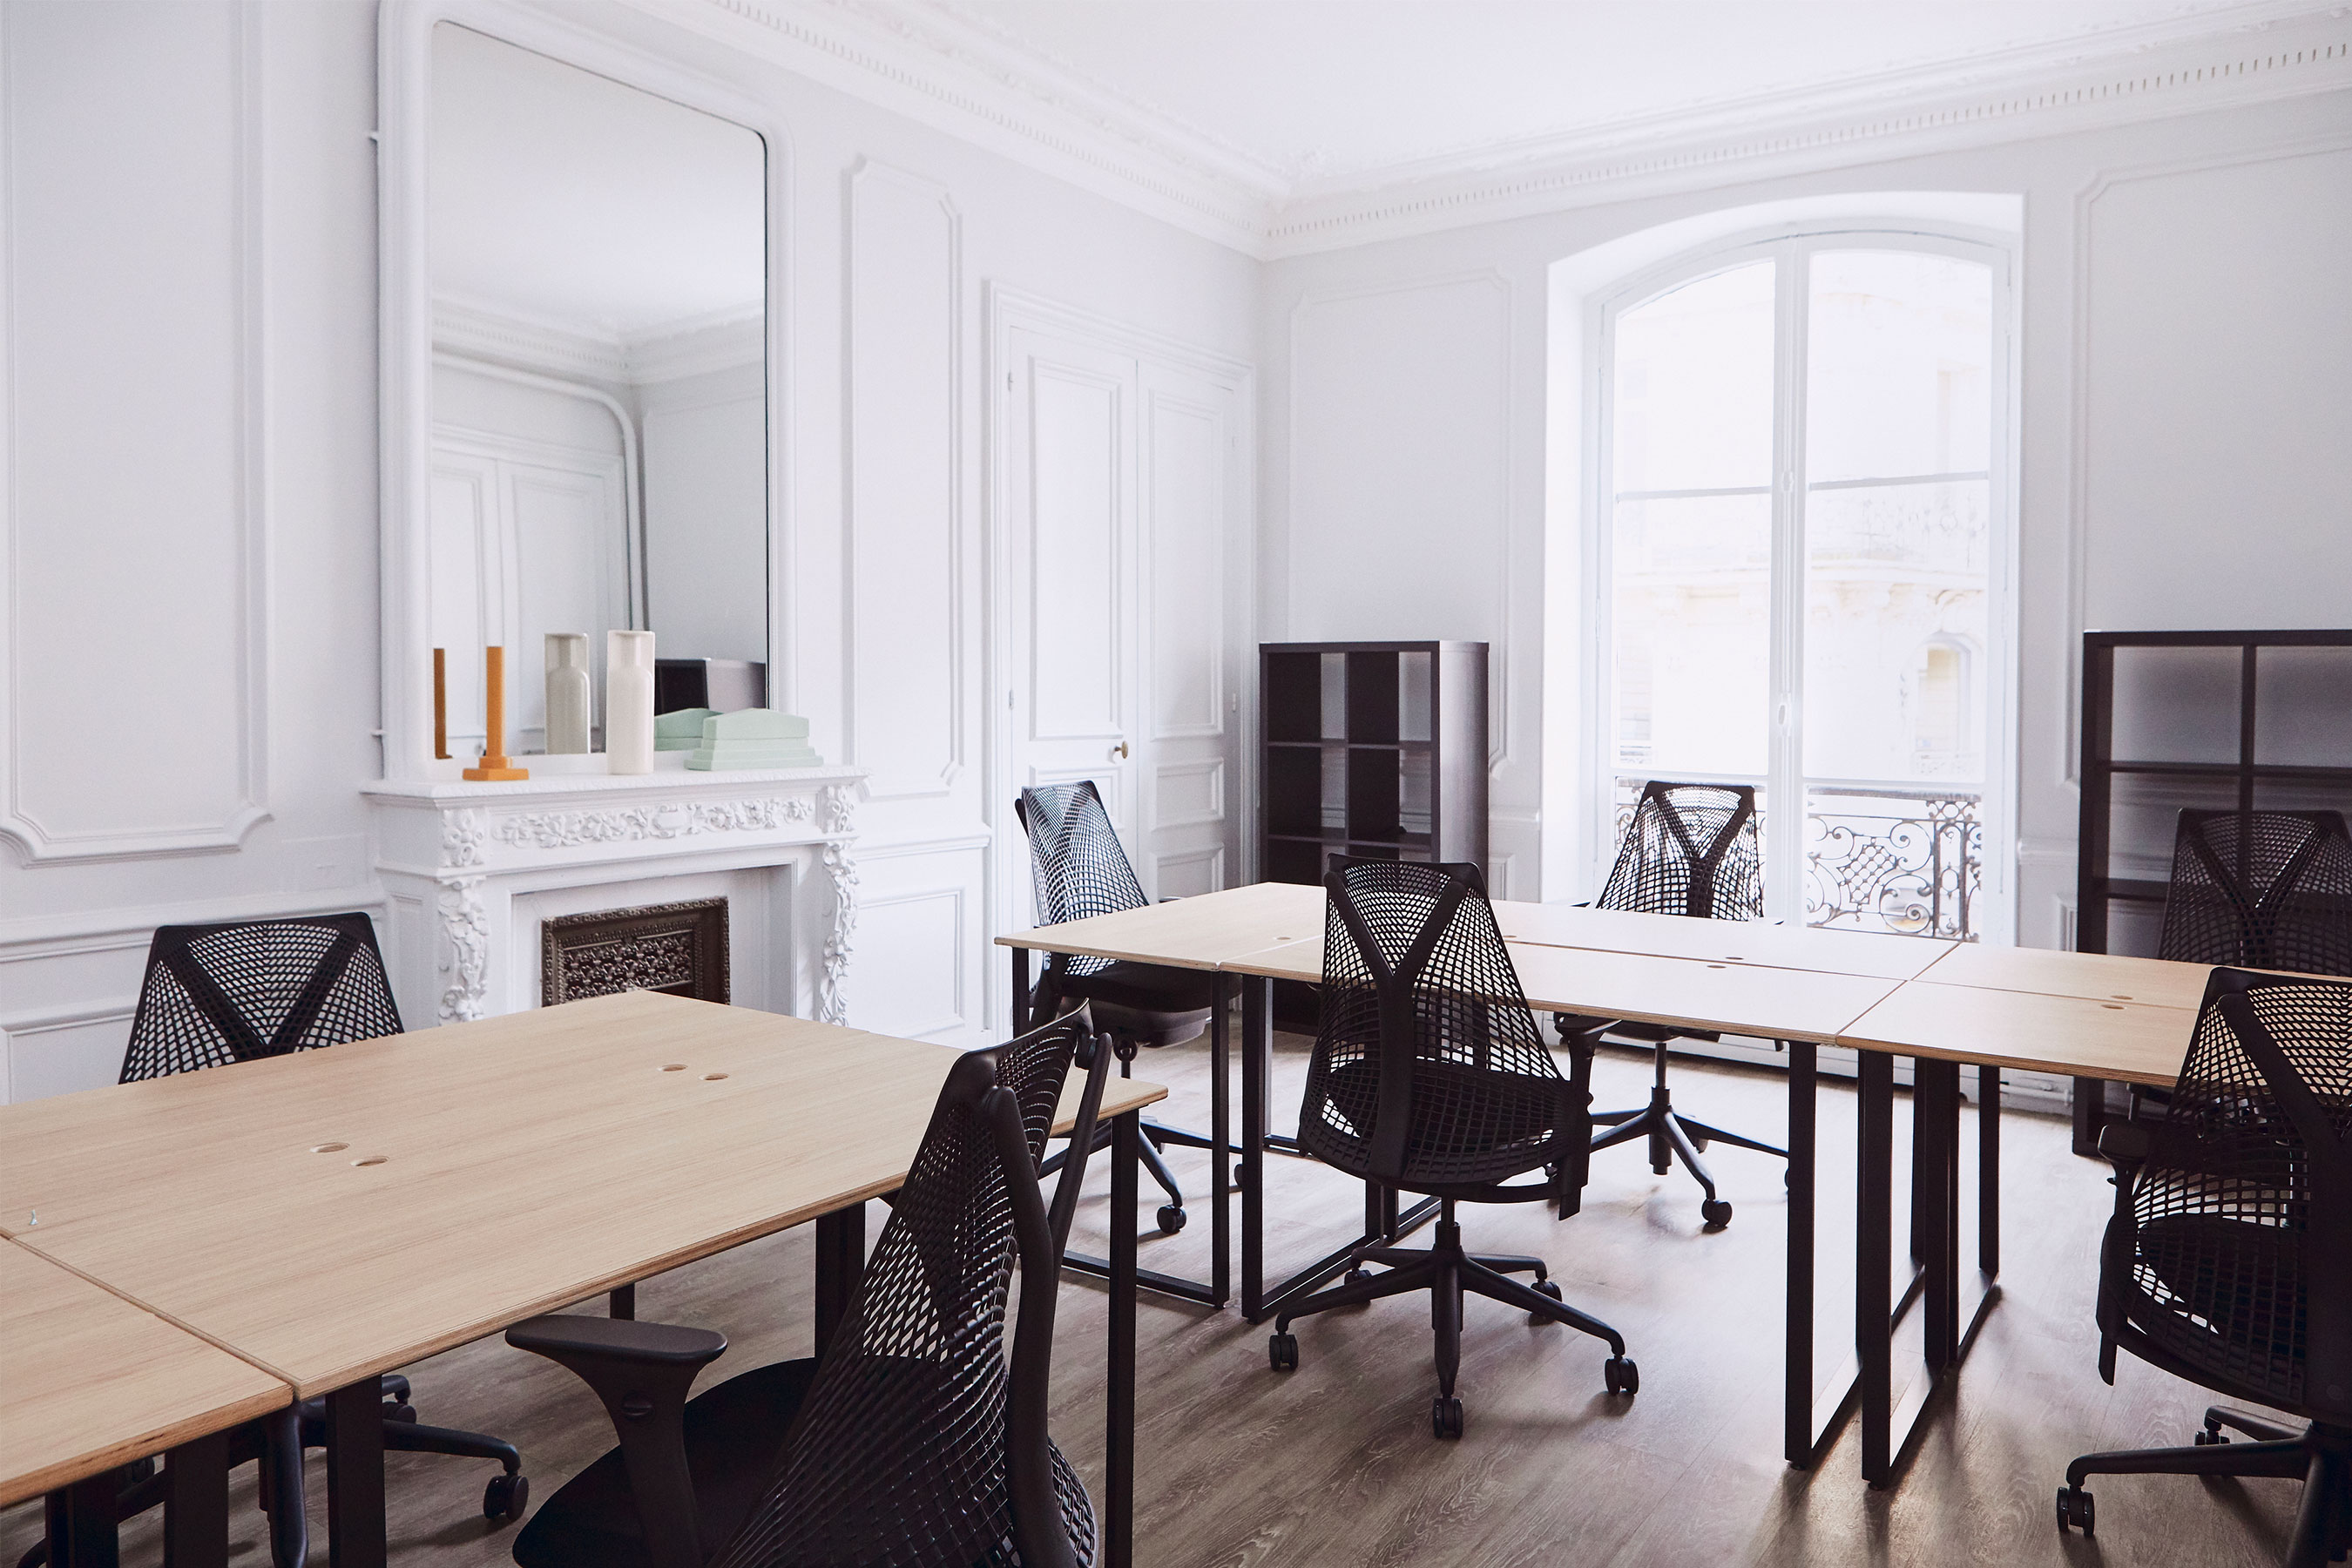 Location Bureau Paris 10 - Bureau